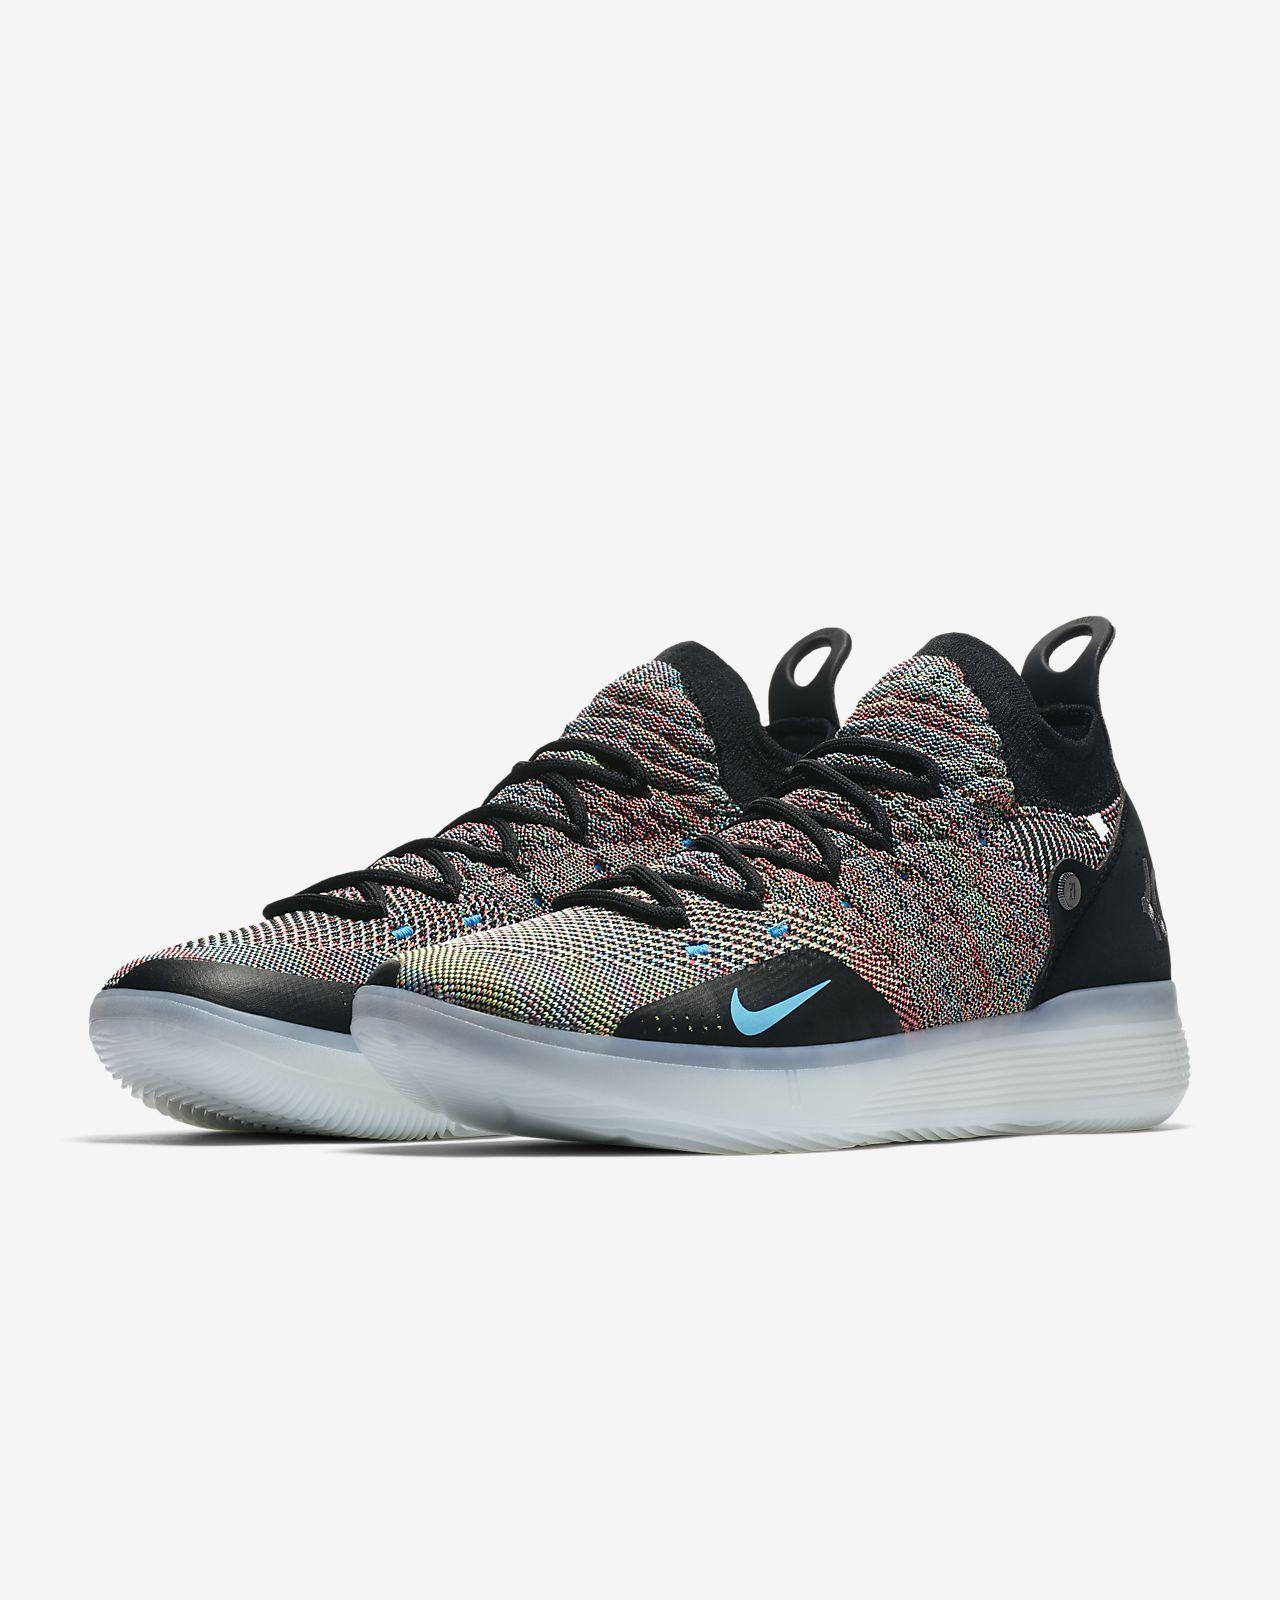 37e4d097872 Nike Zoom KD11 Basketball Shoe. Nike.com AT